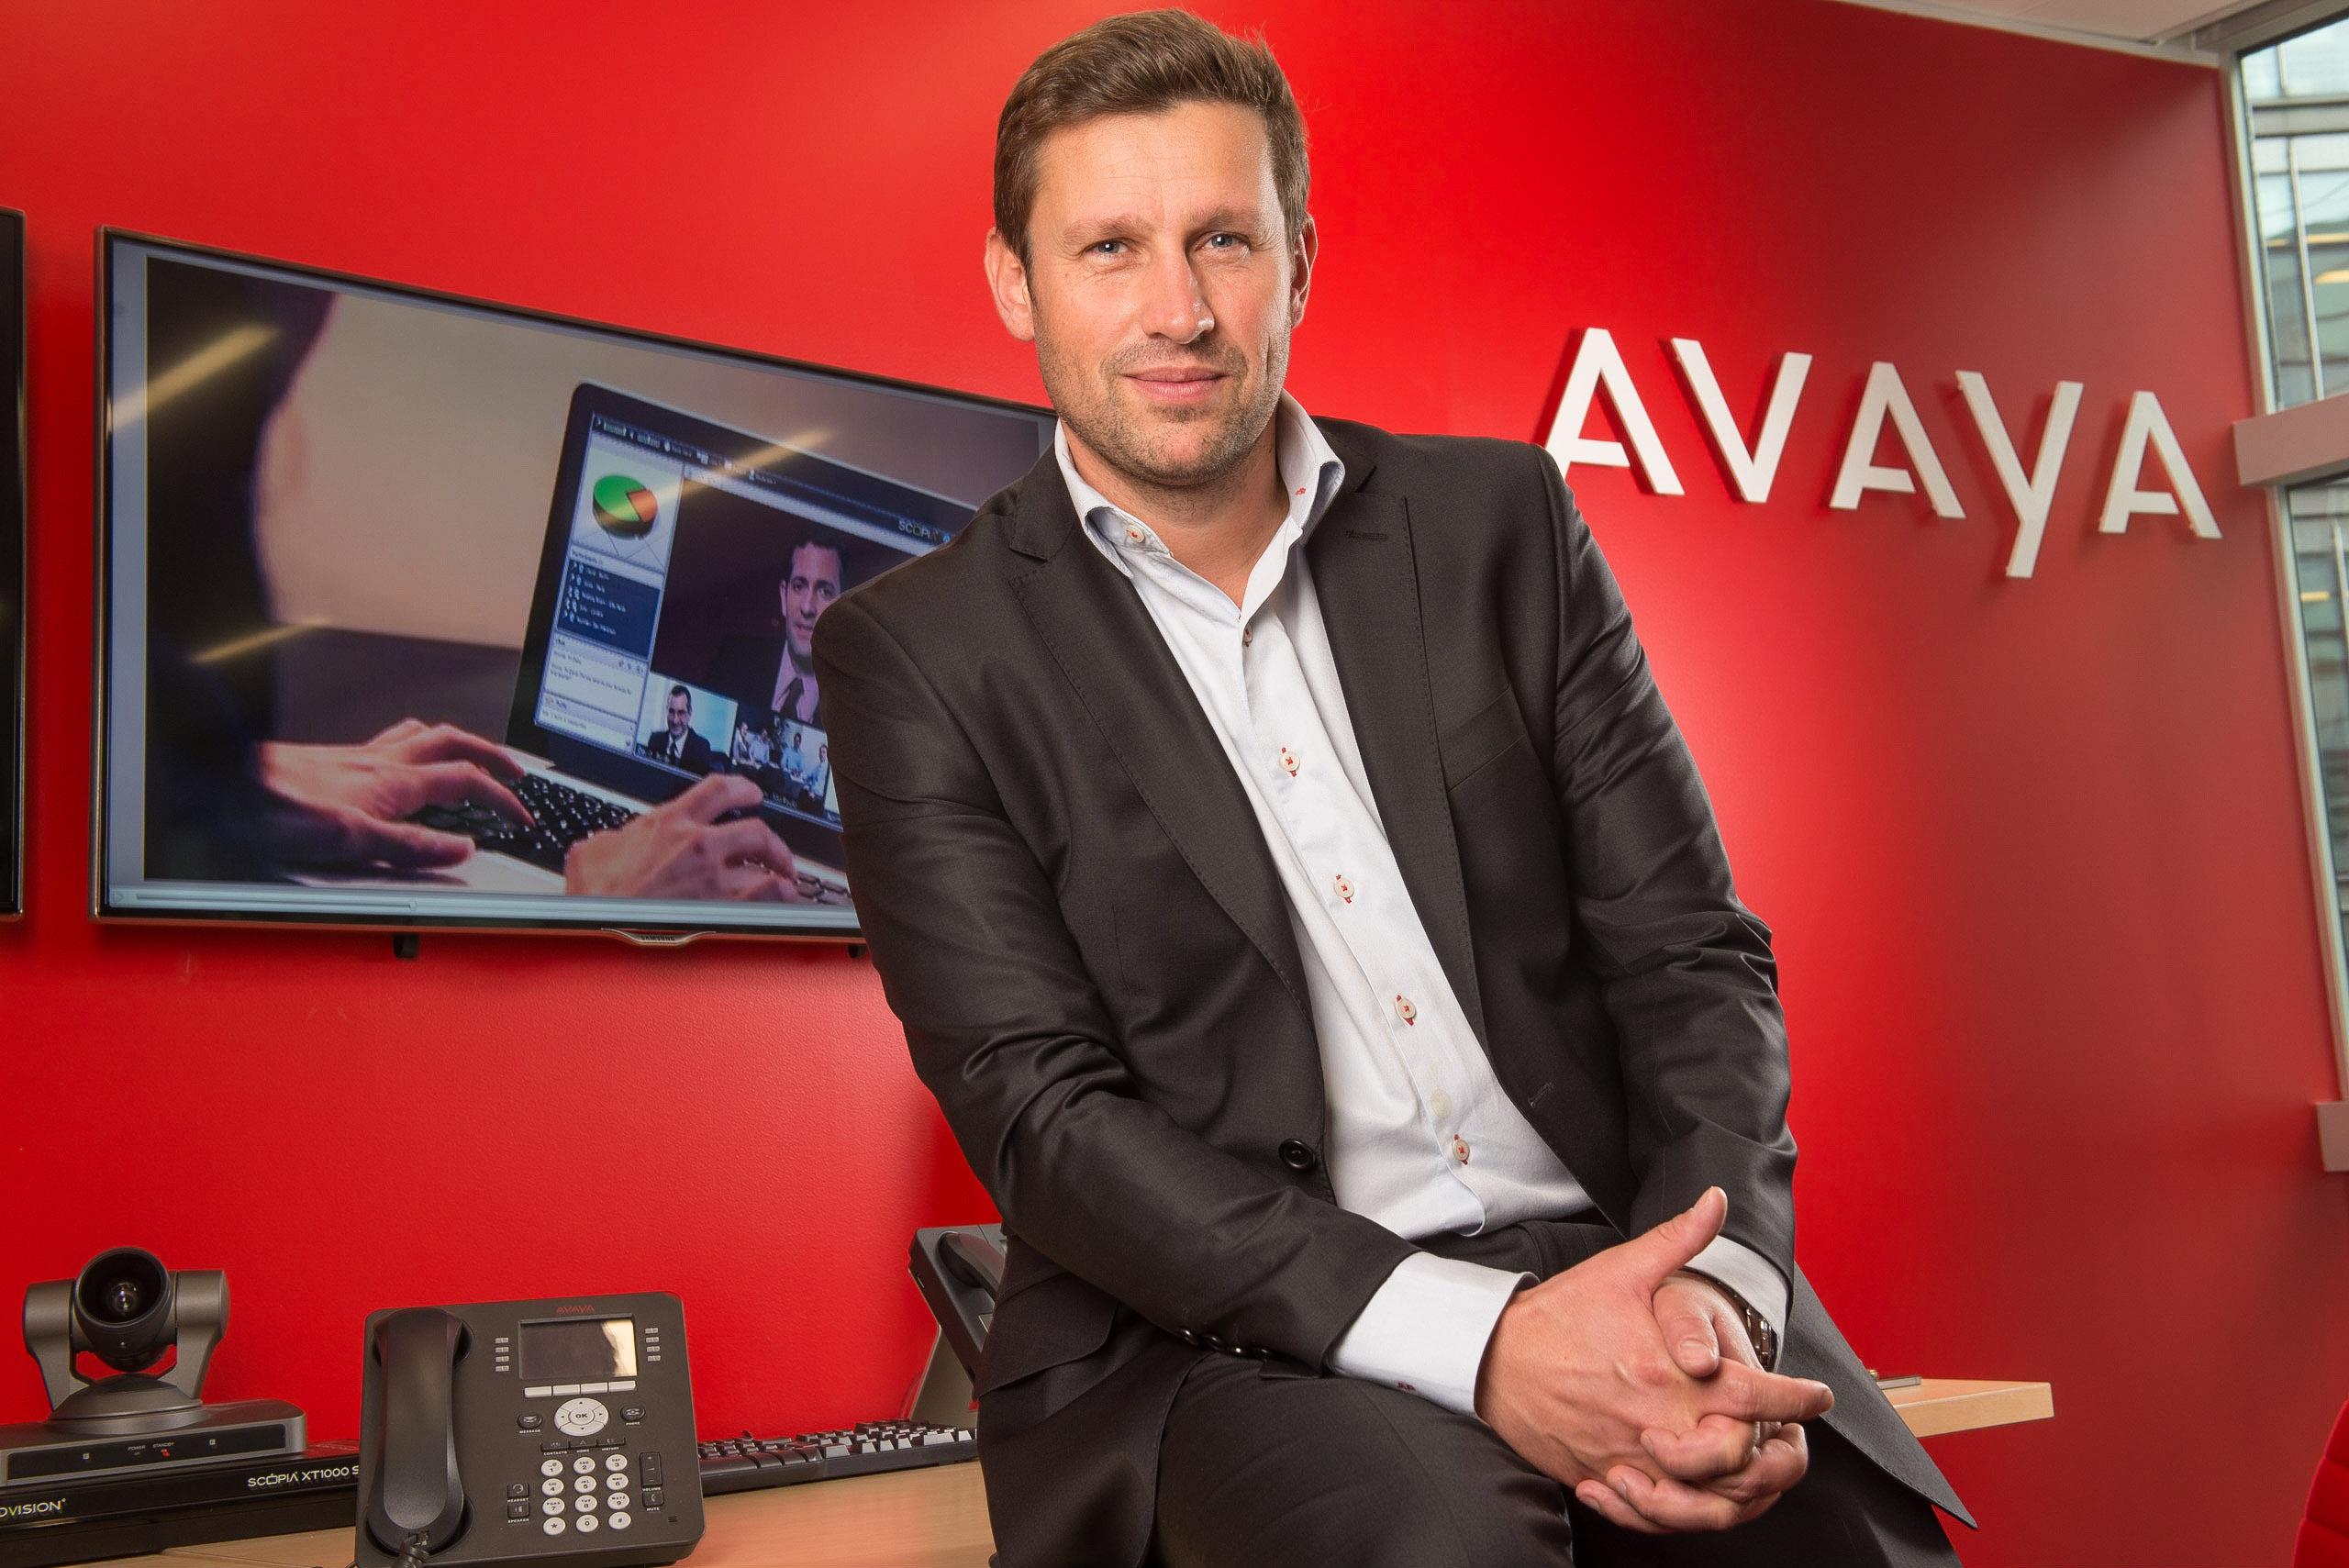 Portrait corporate des cadres de l'entreprise Avaya. Réalisation des portraits en condition de studio dans les locaux de l'entreprise, avec des flashs torches et des modeleurs de lumières.